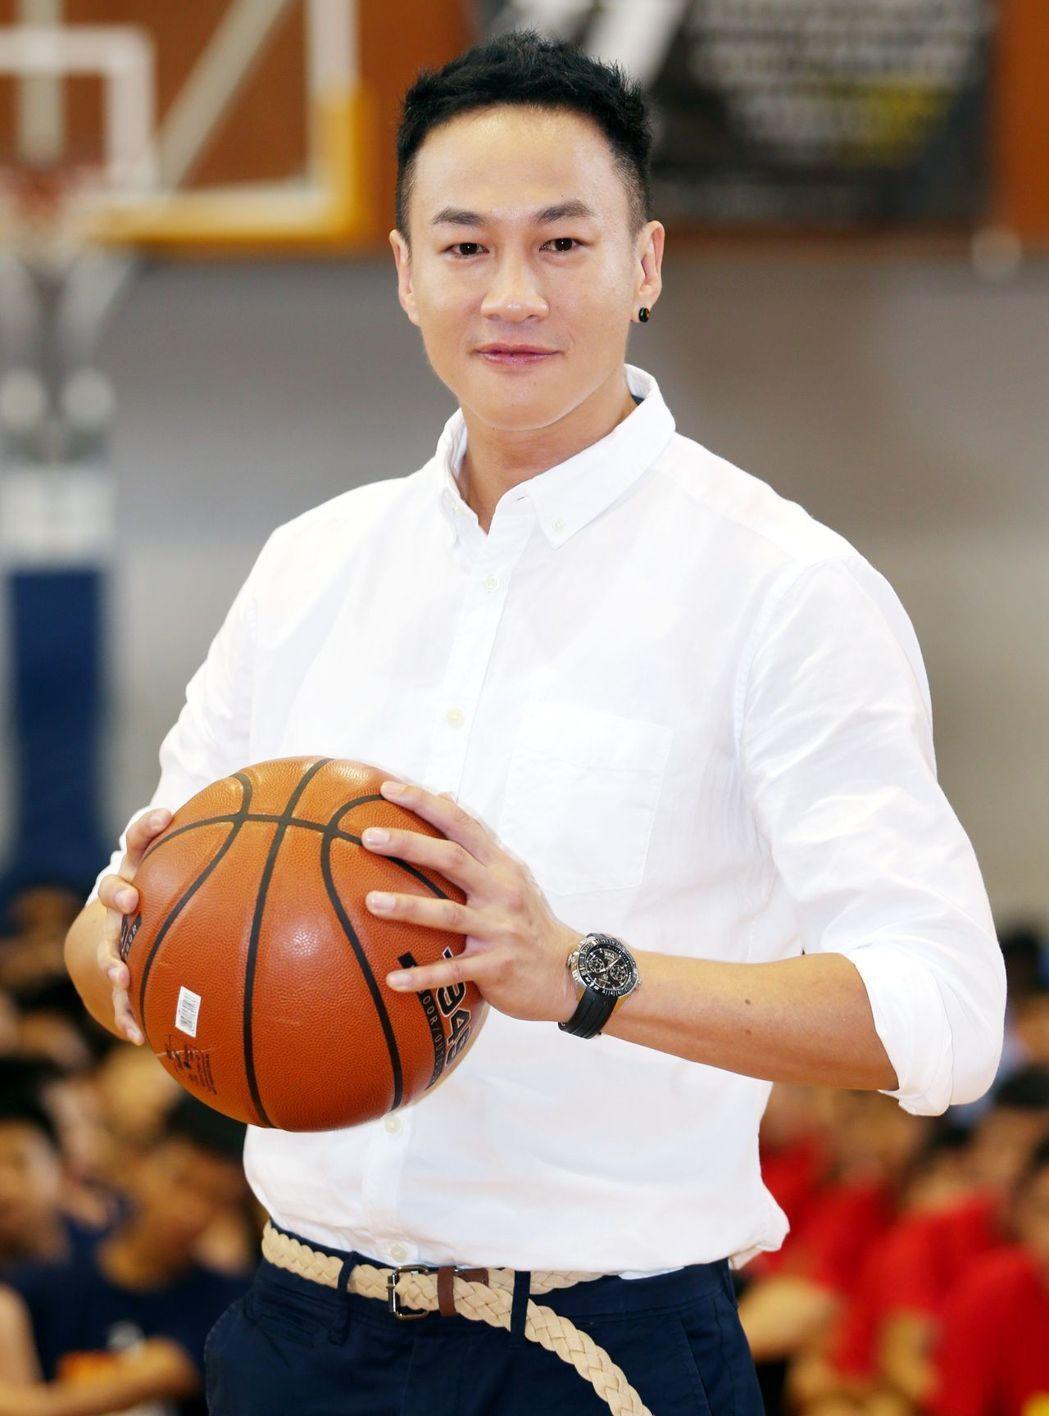 何潤東喜愛打籃球。記者侯永全/攝影